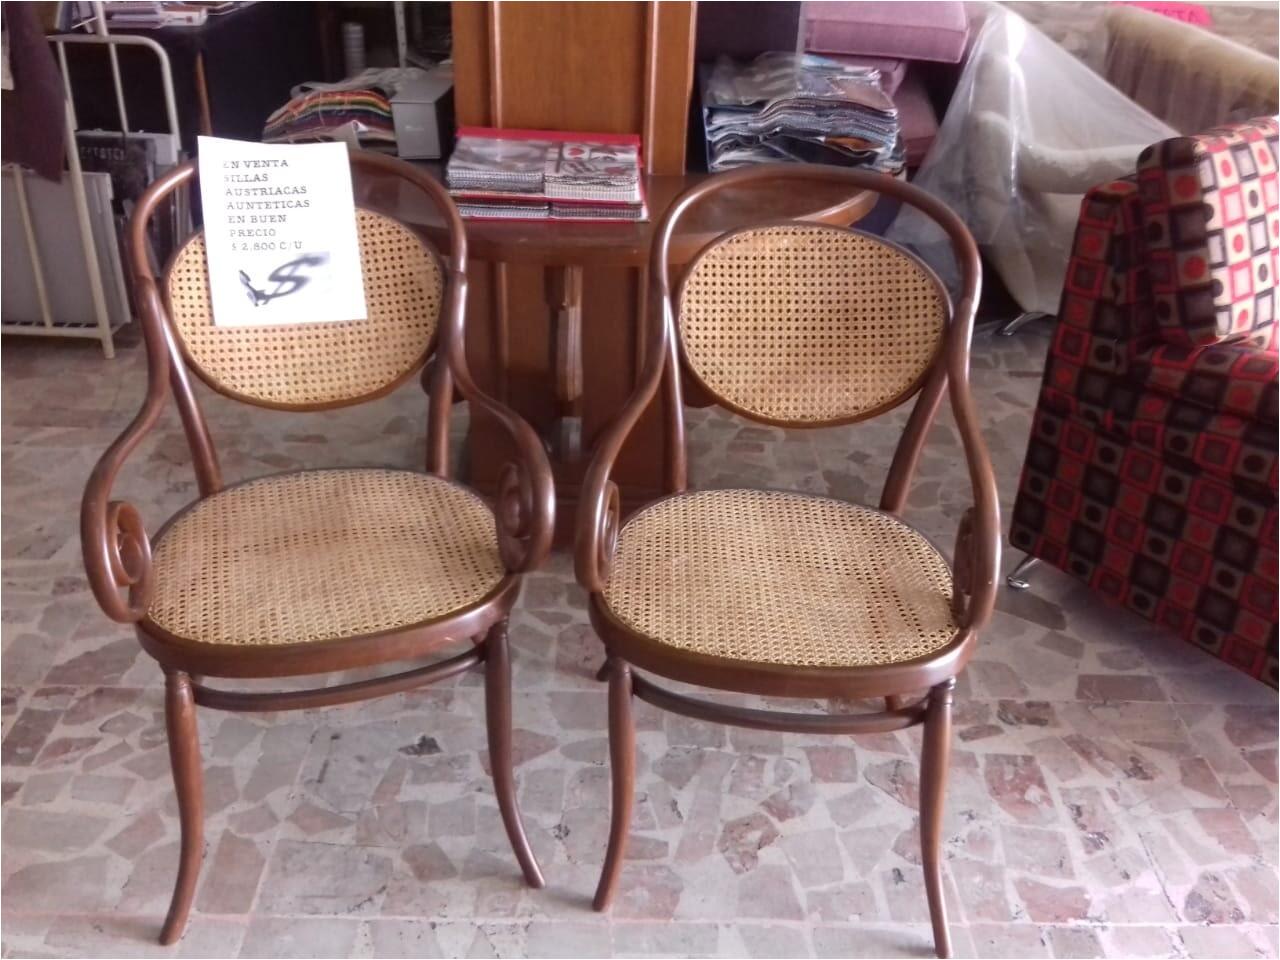 tapicerias obregon sillas austruacas autenticas en excelente precio